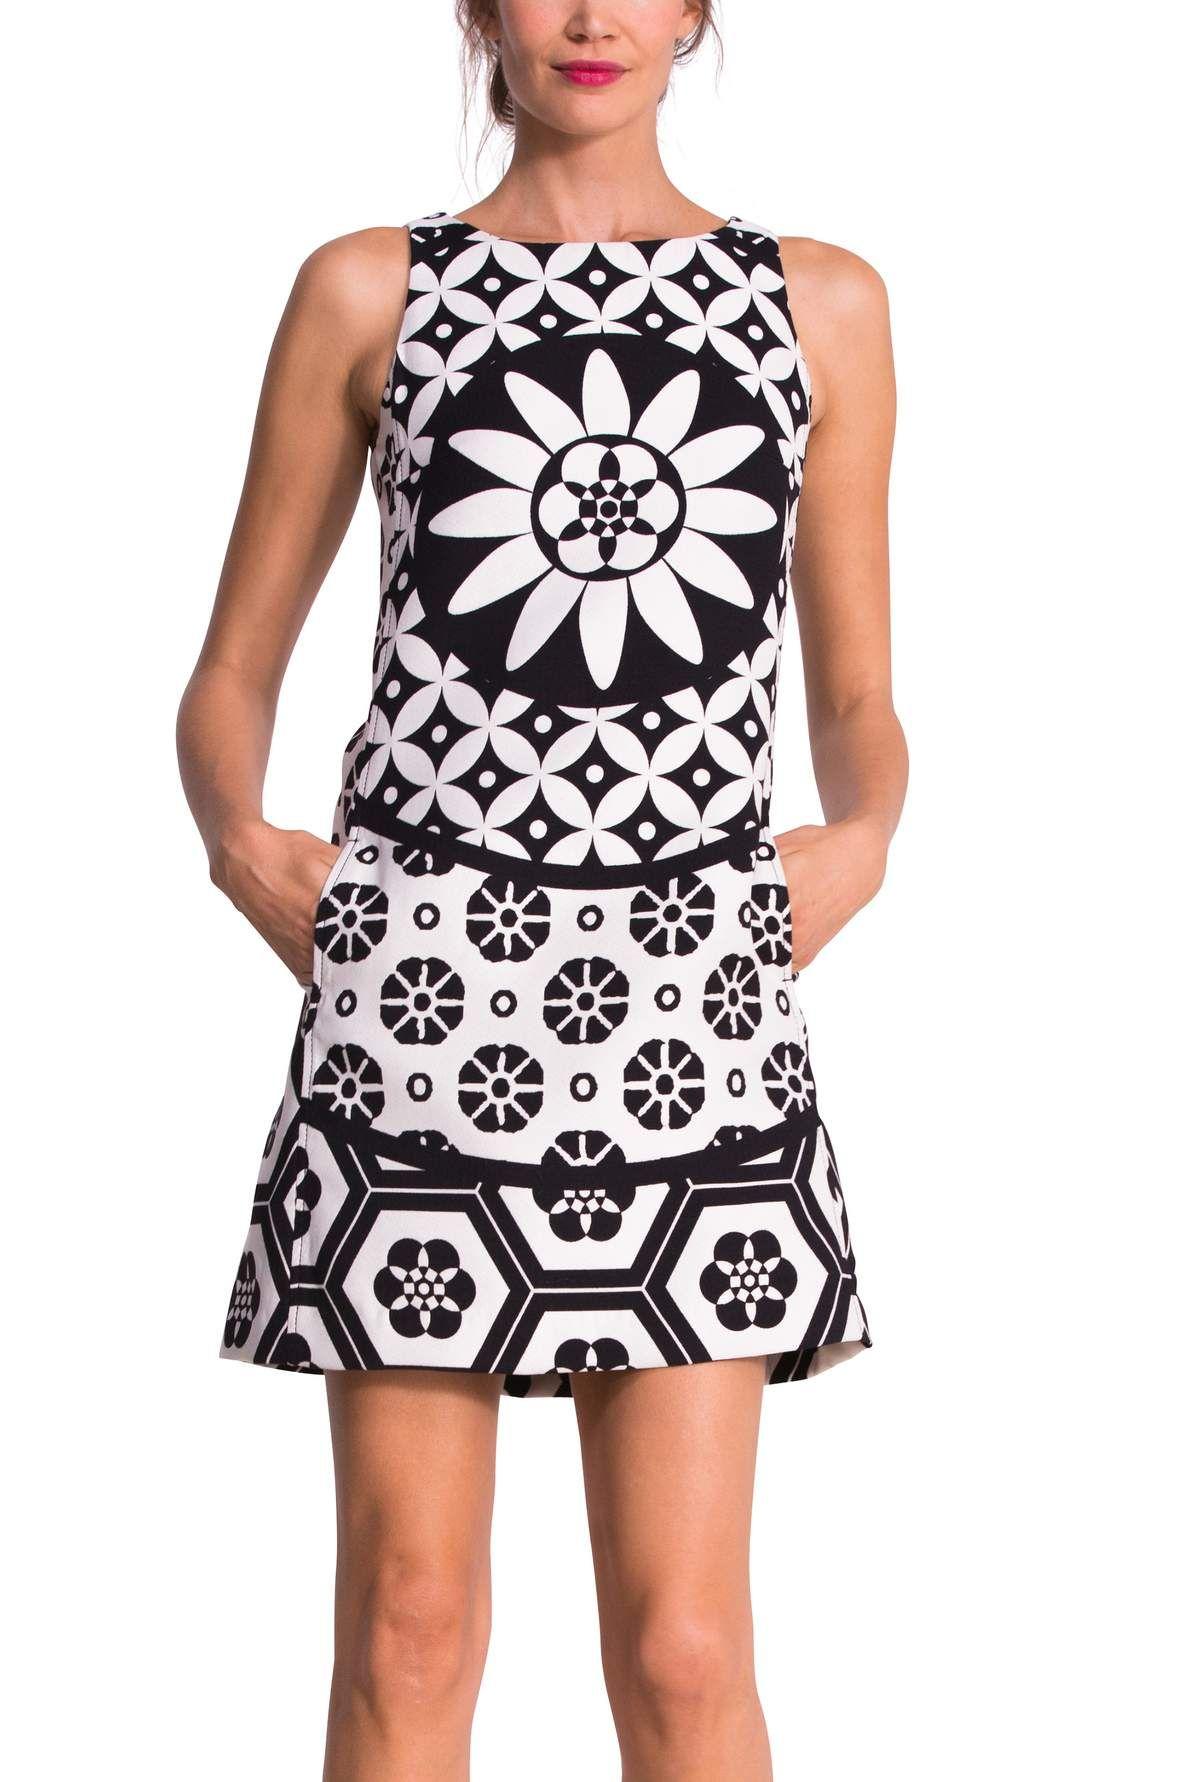 Robe chasuble noire et blanche | Desigual Inma | Dresses | Pinterest ...